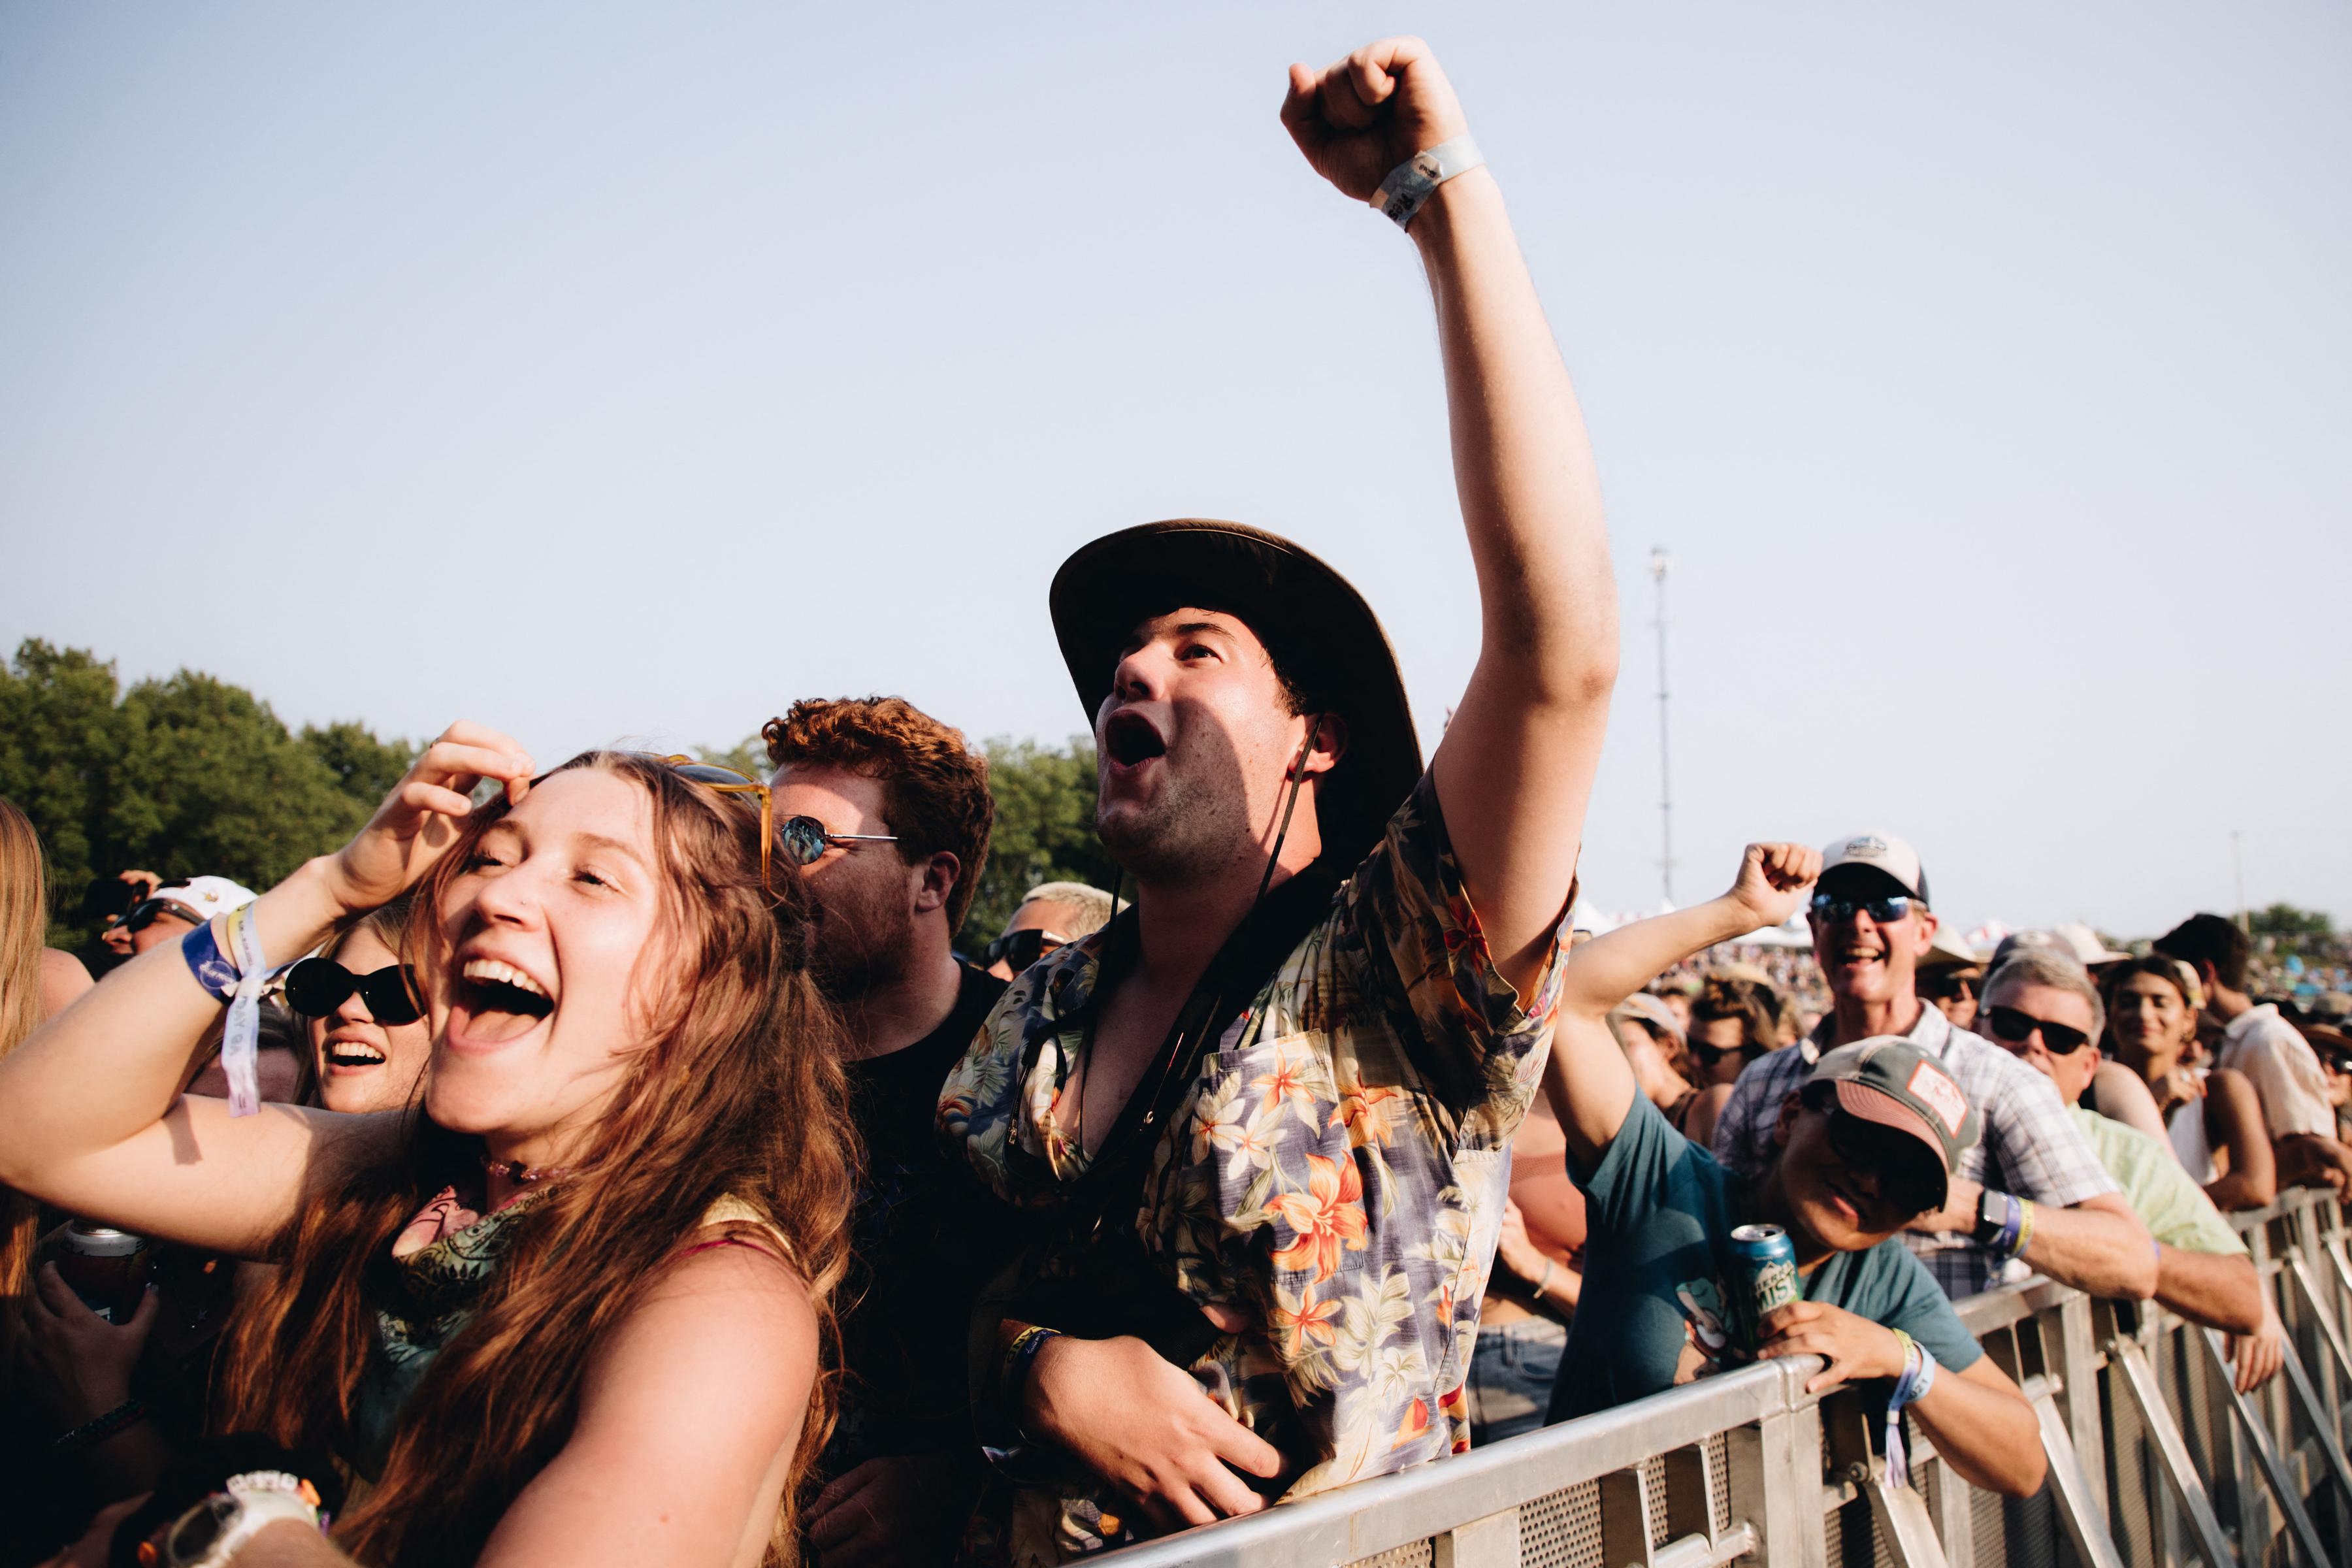 Két zenei fesztivál miatt alakult ki gócpont Michiganben és Oregonban